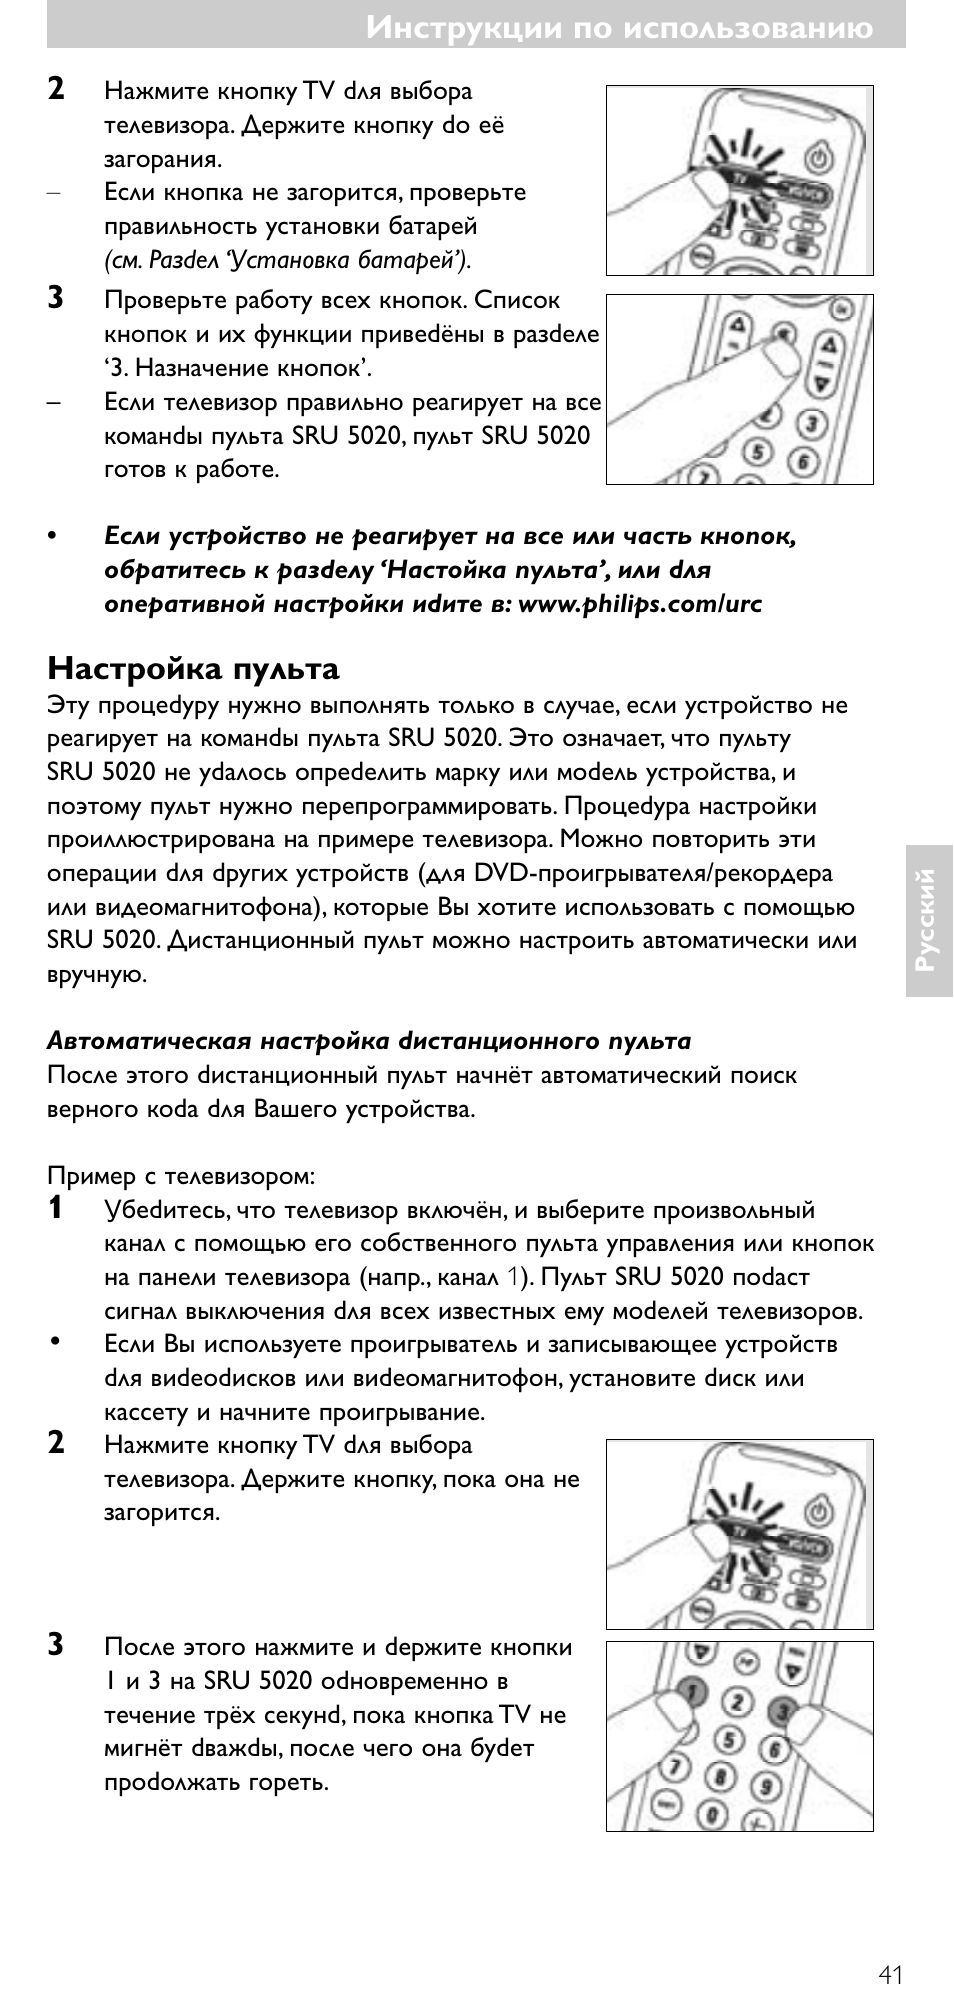 Инструкции п 6 и п 7